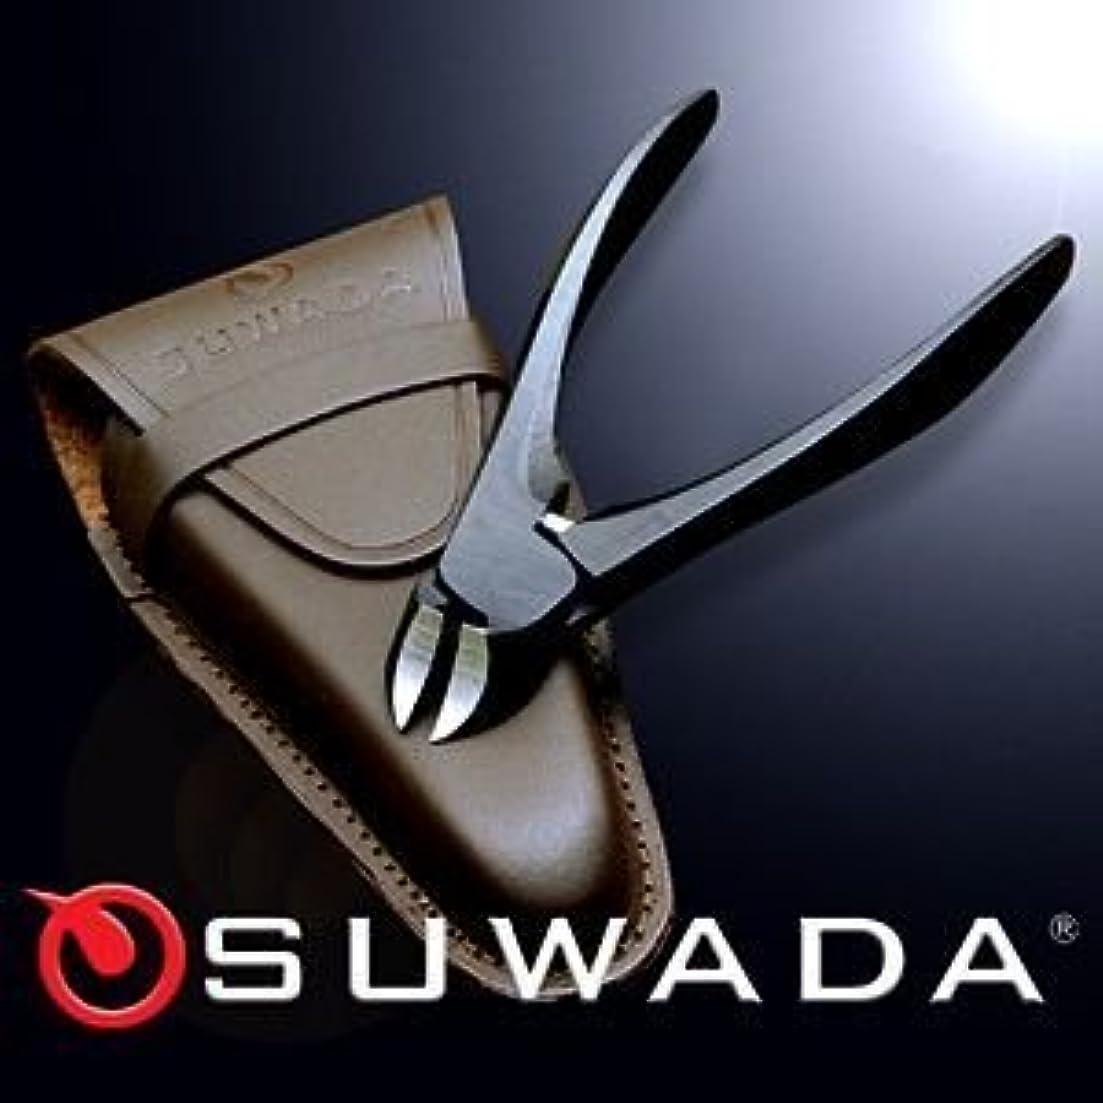 フレットパンチ助けになるSUWADA爪切りブラックL&革ケースセット 特注モデル 諏訪田製作所製 スワダの爪切り